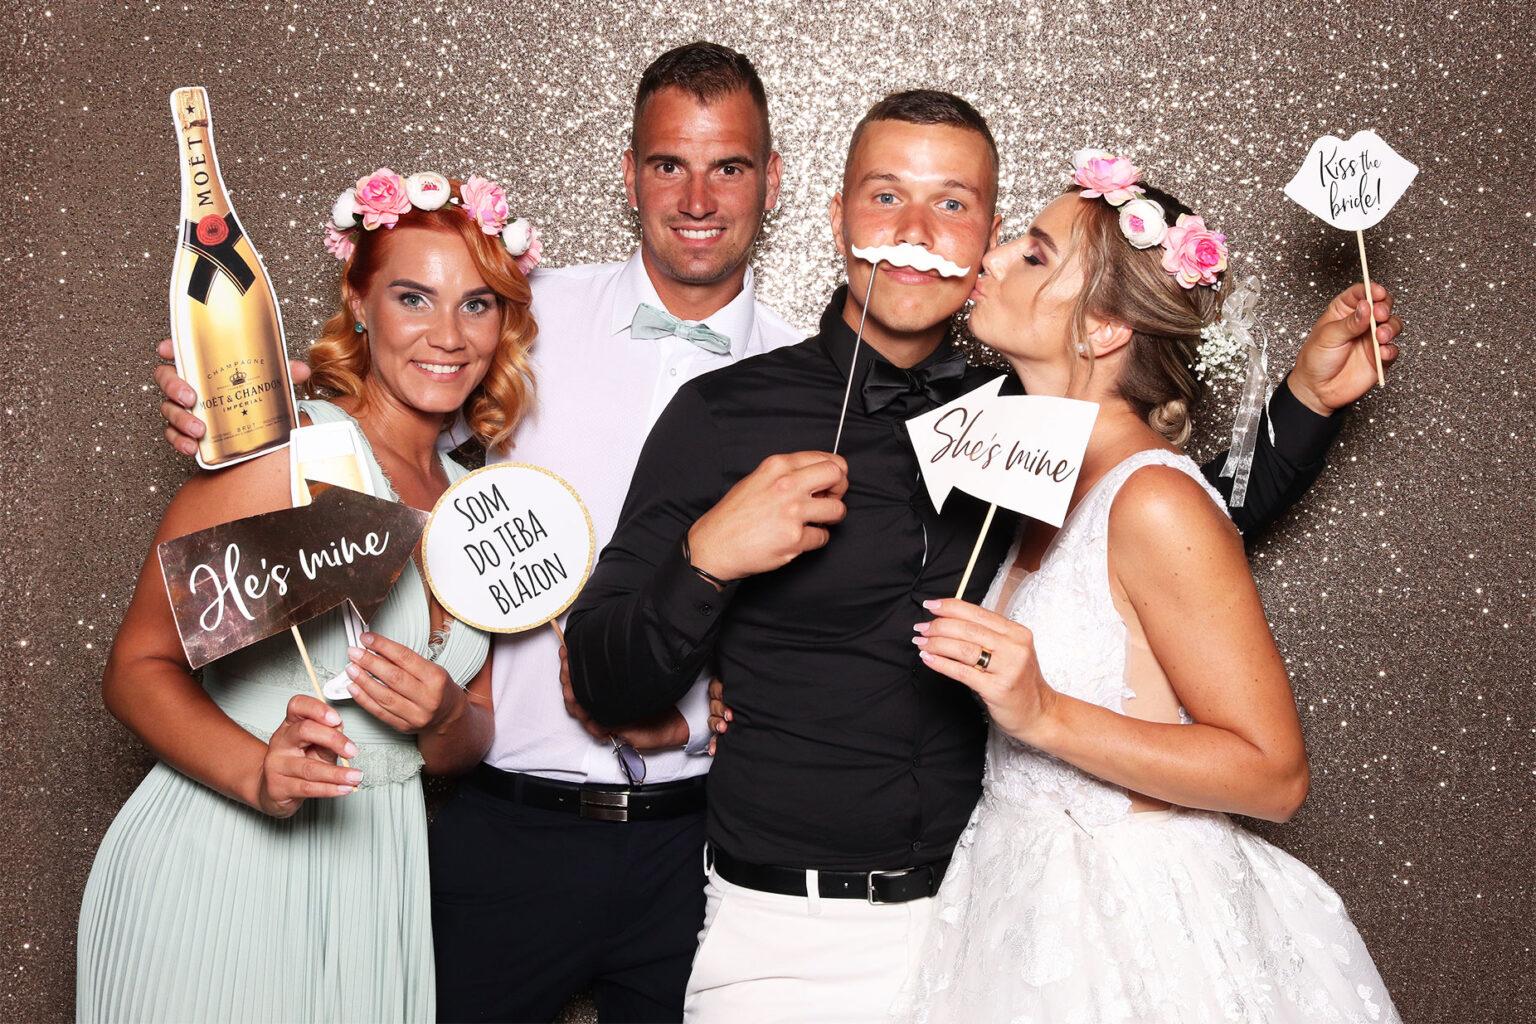 fotostena na svadbu champagne fobudka svadobne fotopozadie FOTOKÚTIK.sk